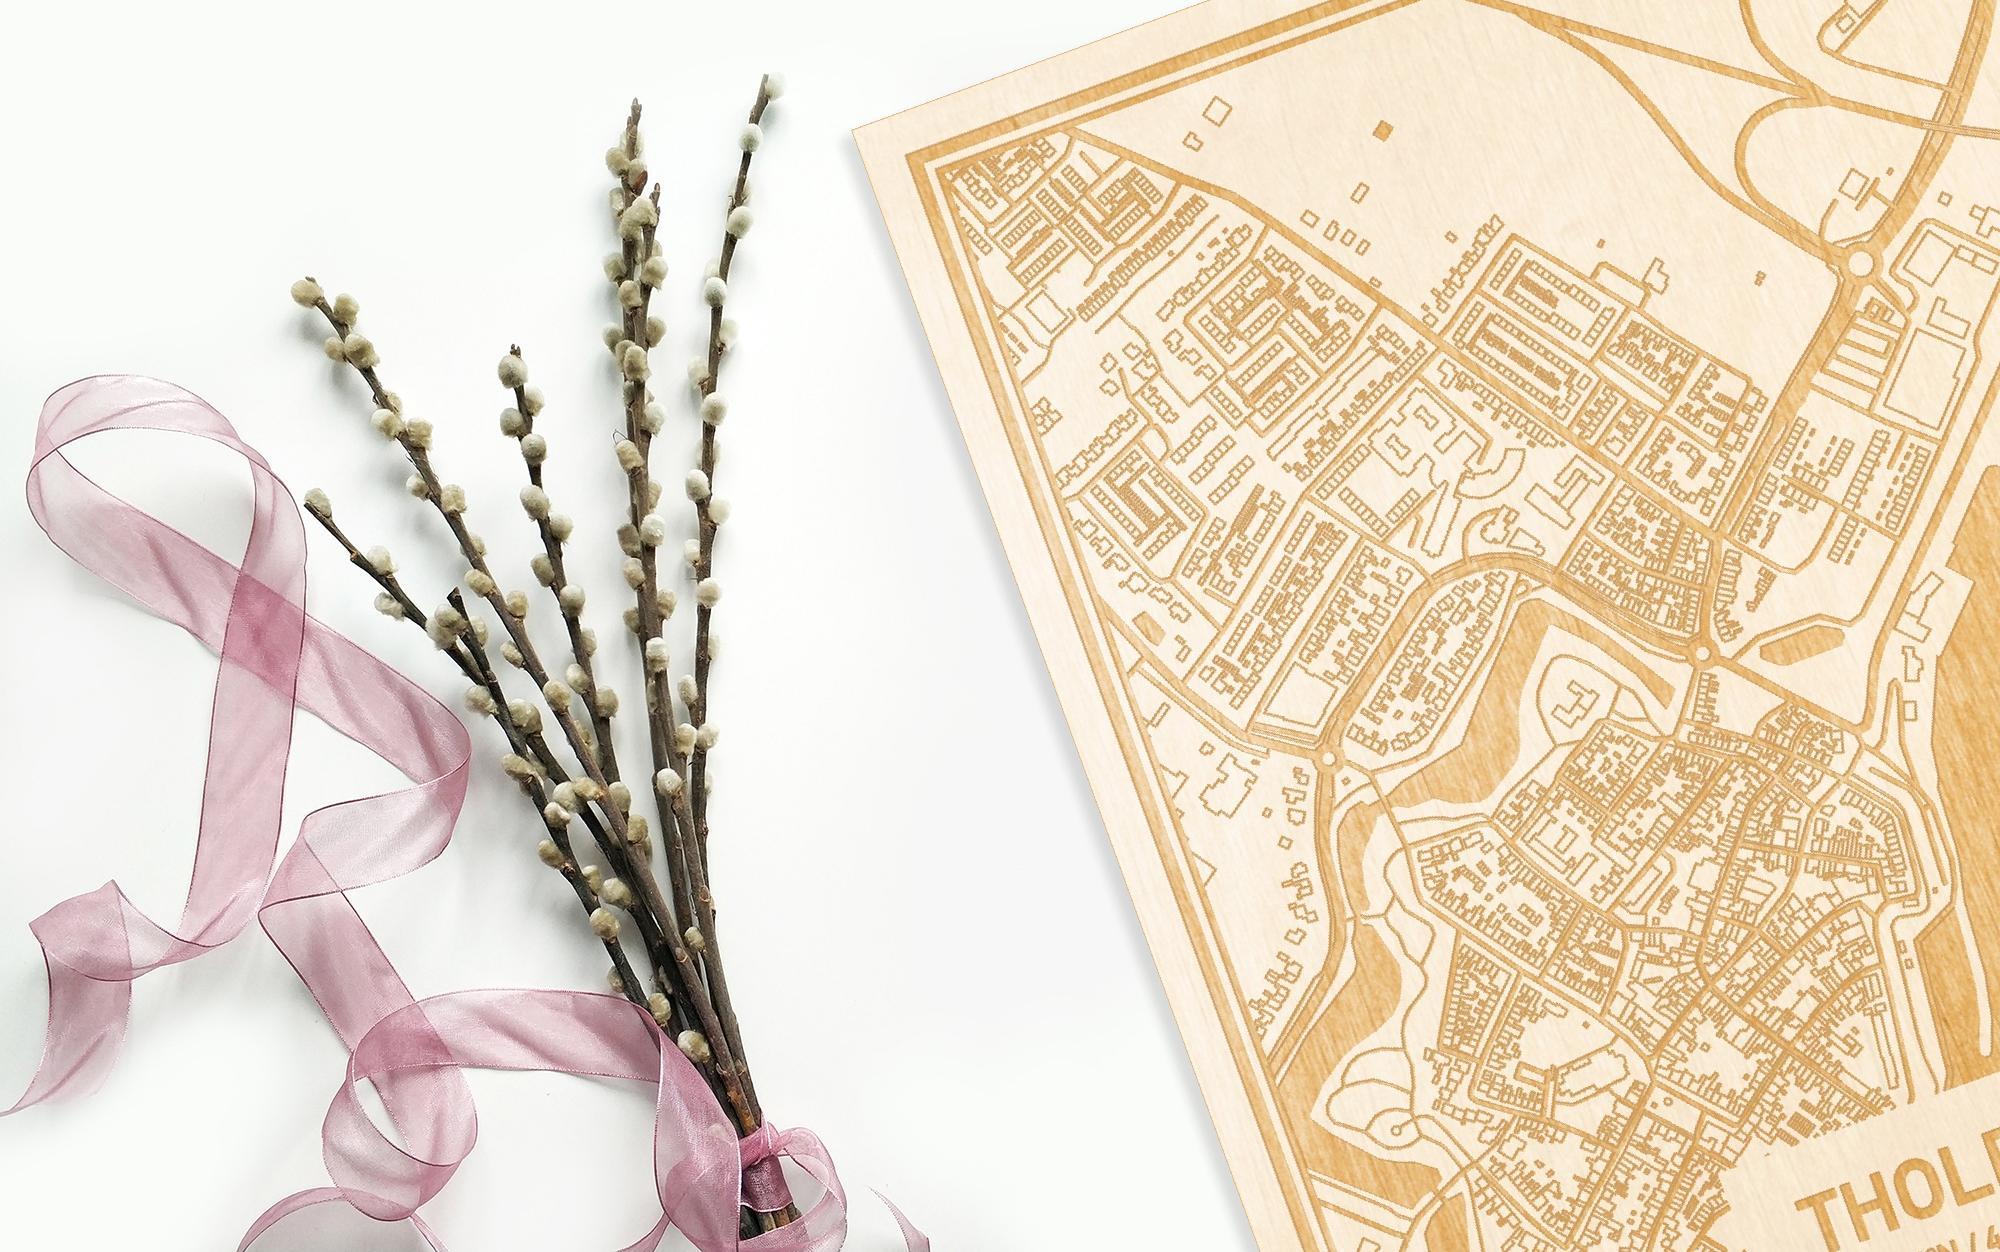 Hier ligt de houten plattegrond Tholen naast een bloemetje als gepersonaliseerd cadeau voor haar.